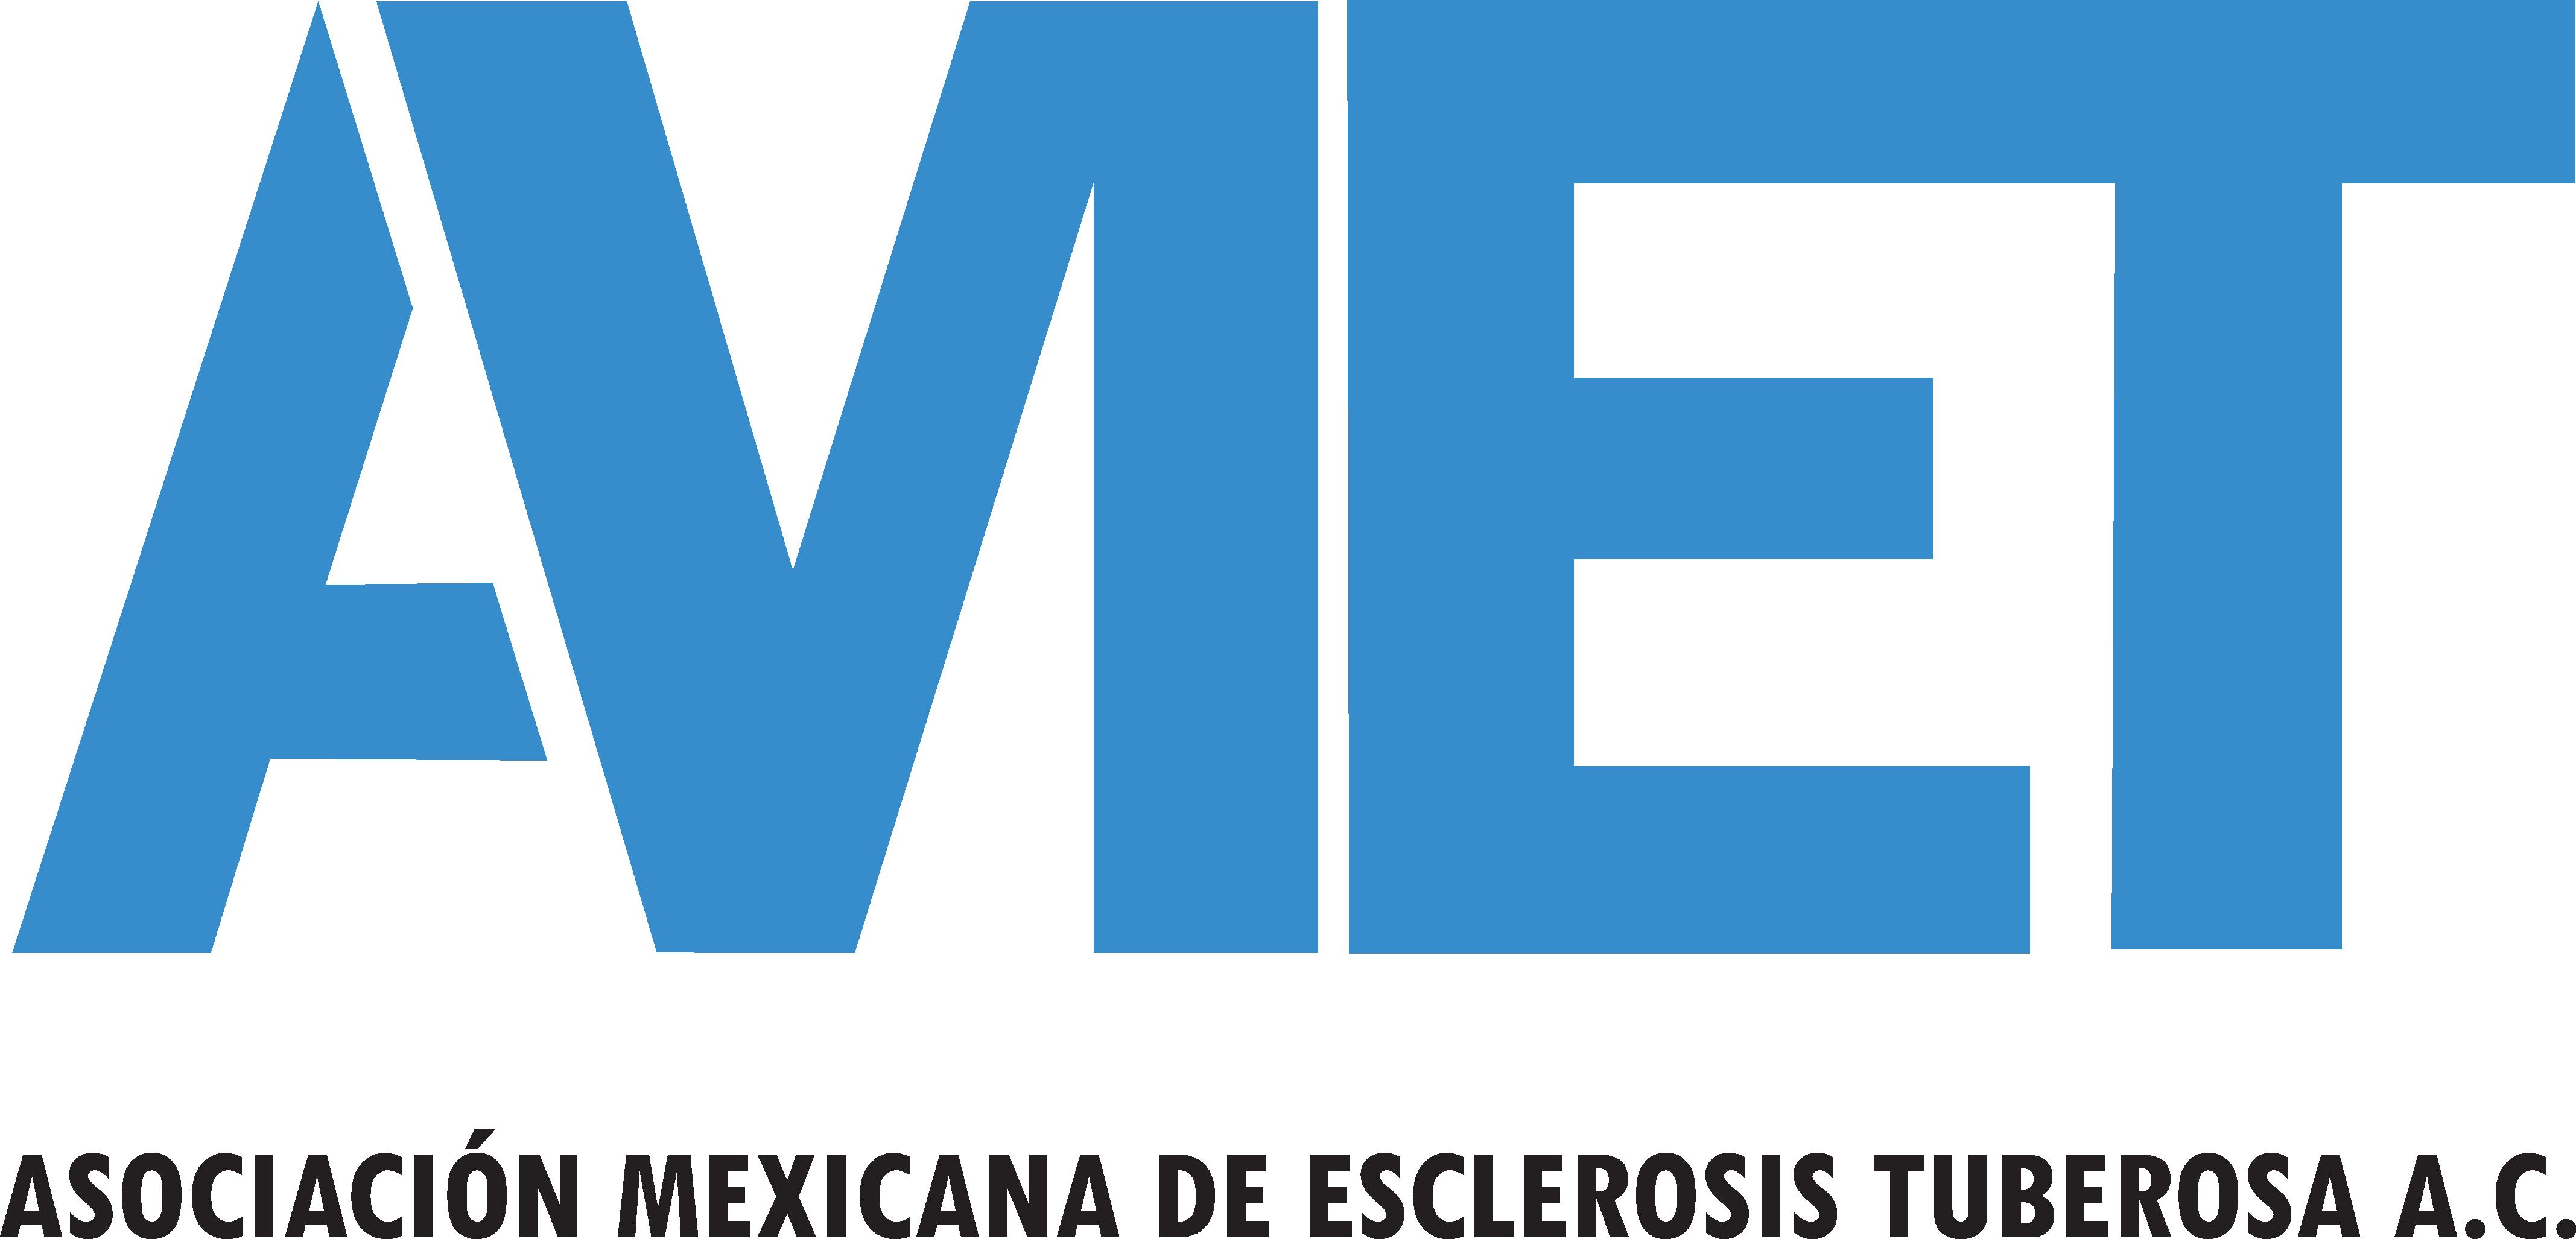 Esclerosis tuberosa, AMET